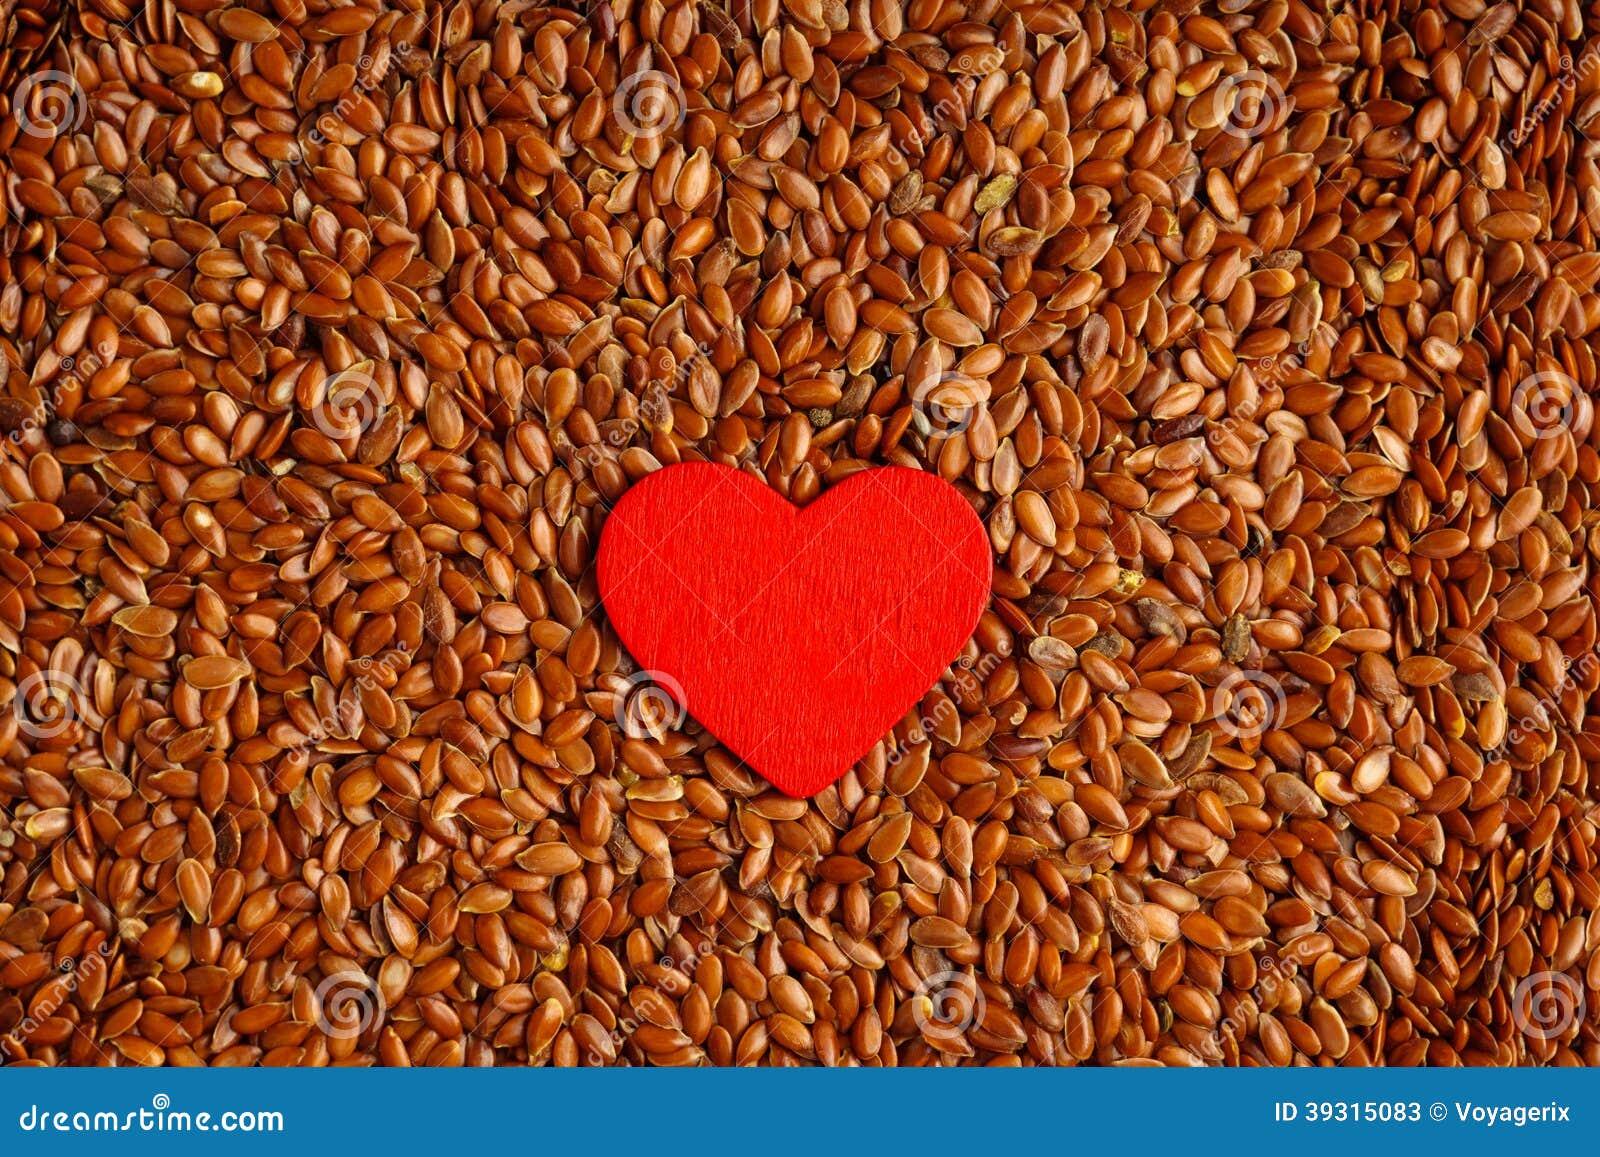 semi di semi di lino per dieta